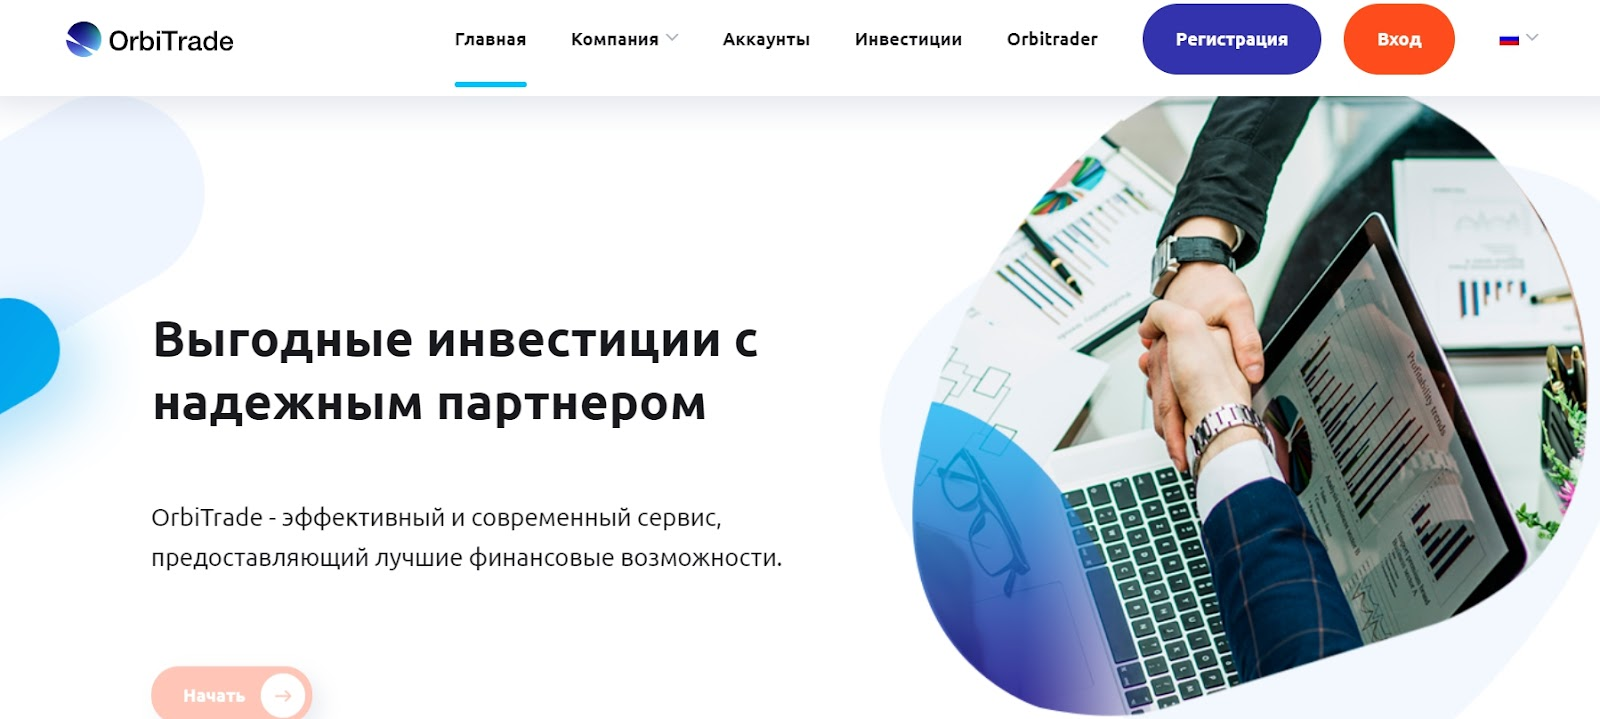 OrbiTrade: отзывы реальных клиентов и экспертный обзор торговых предложений реальные отзывы